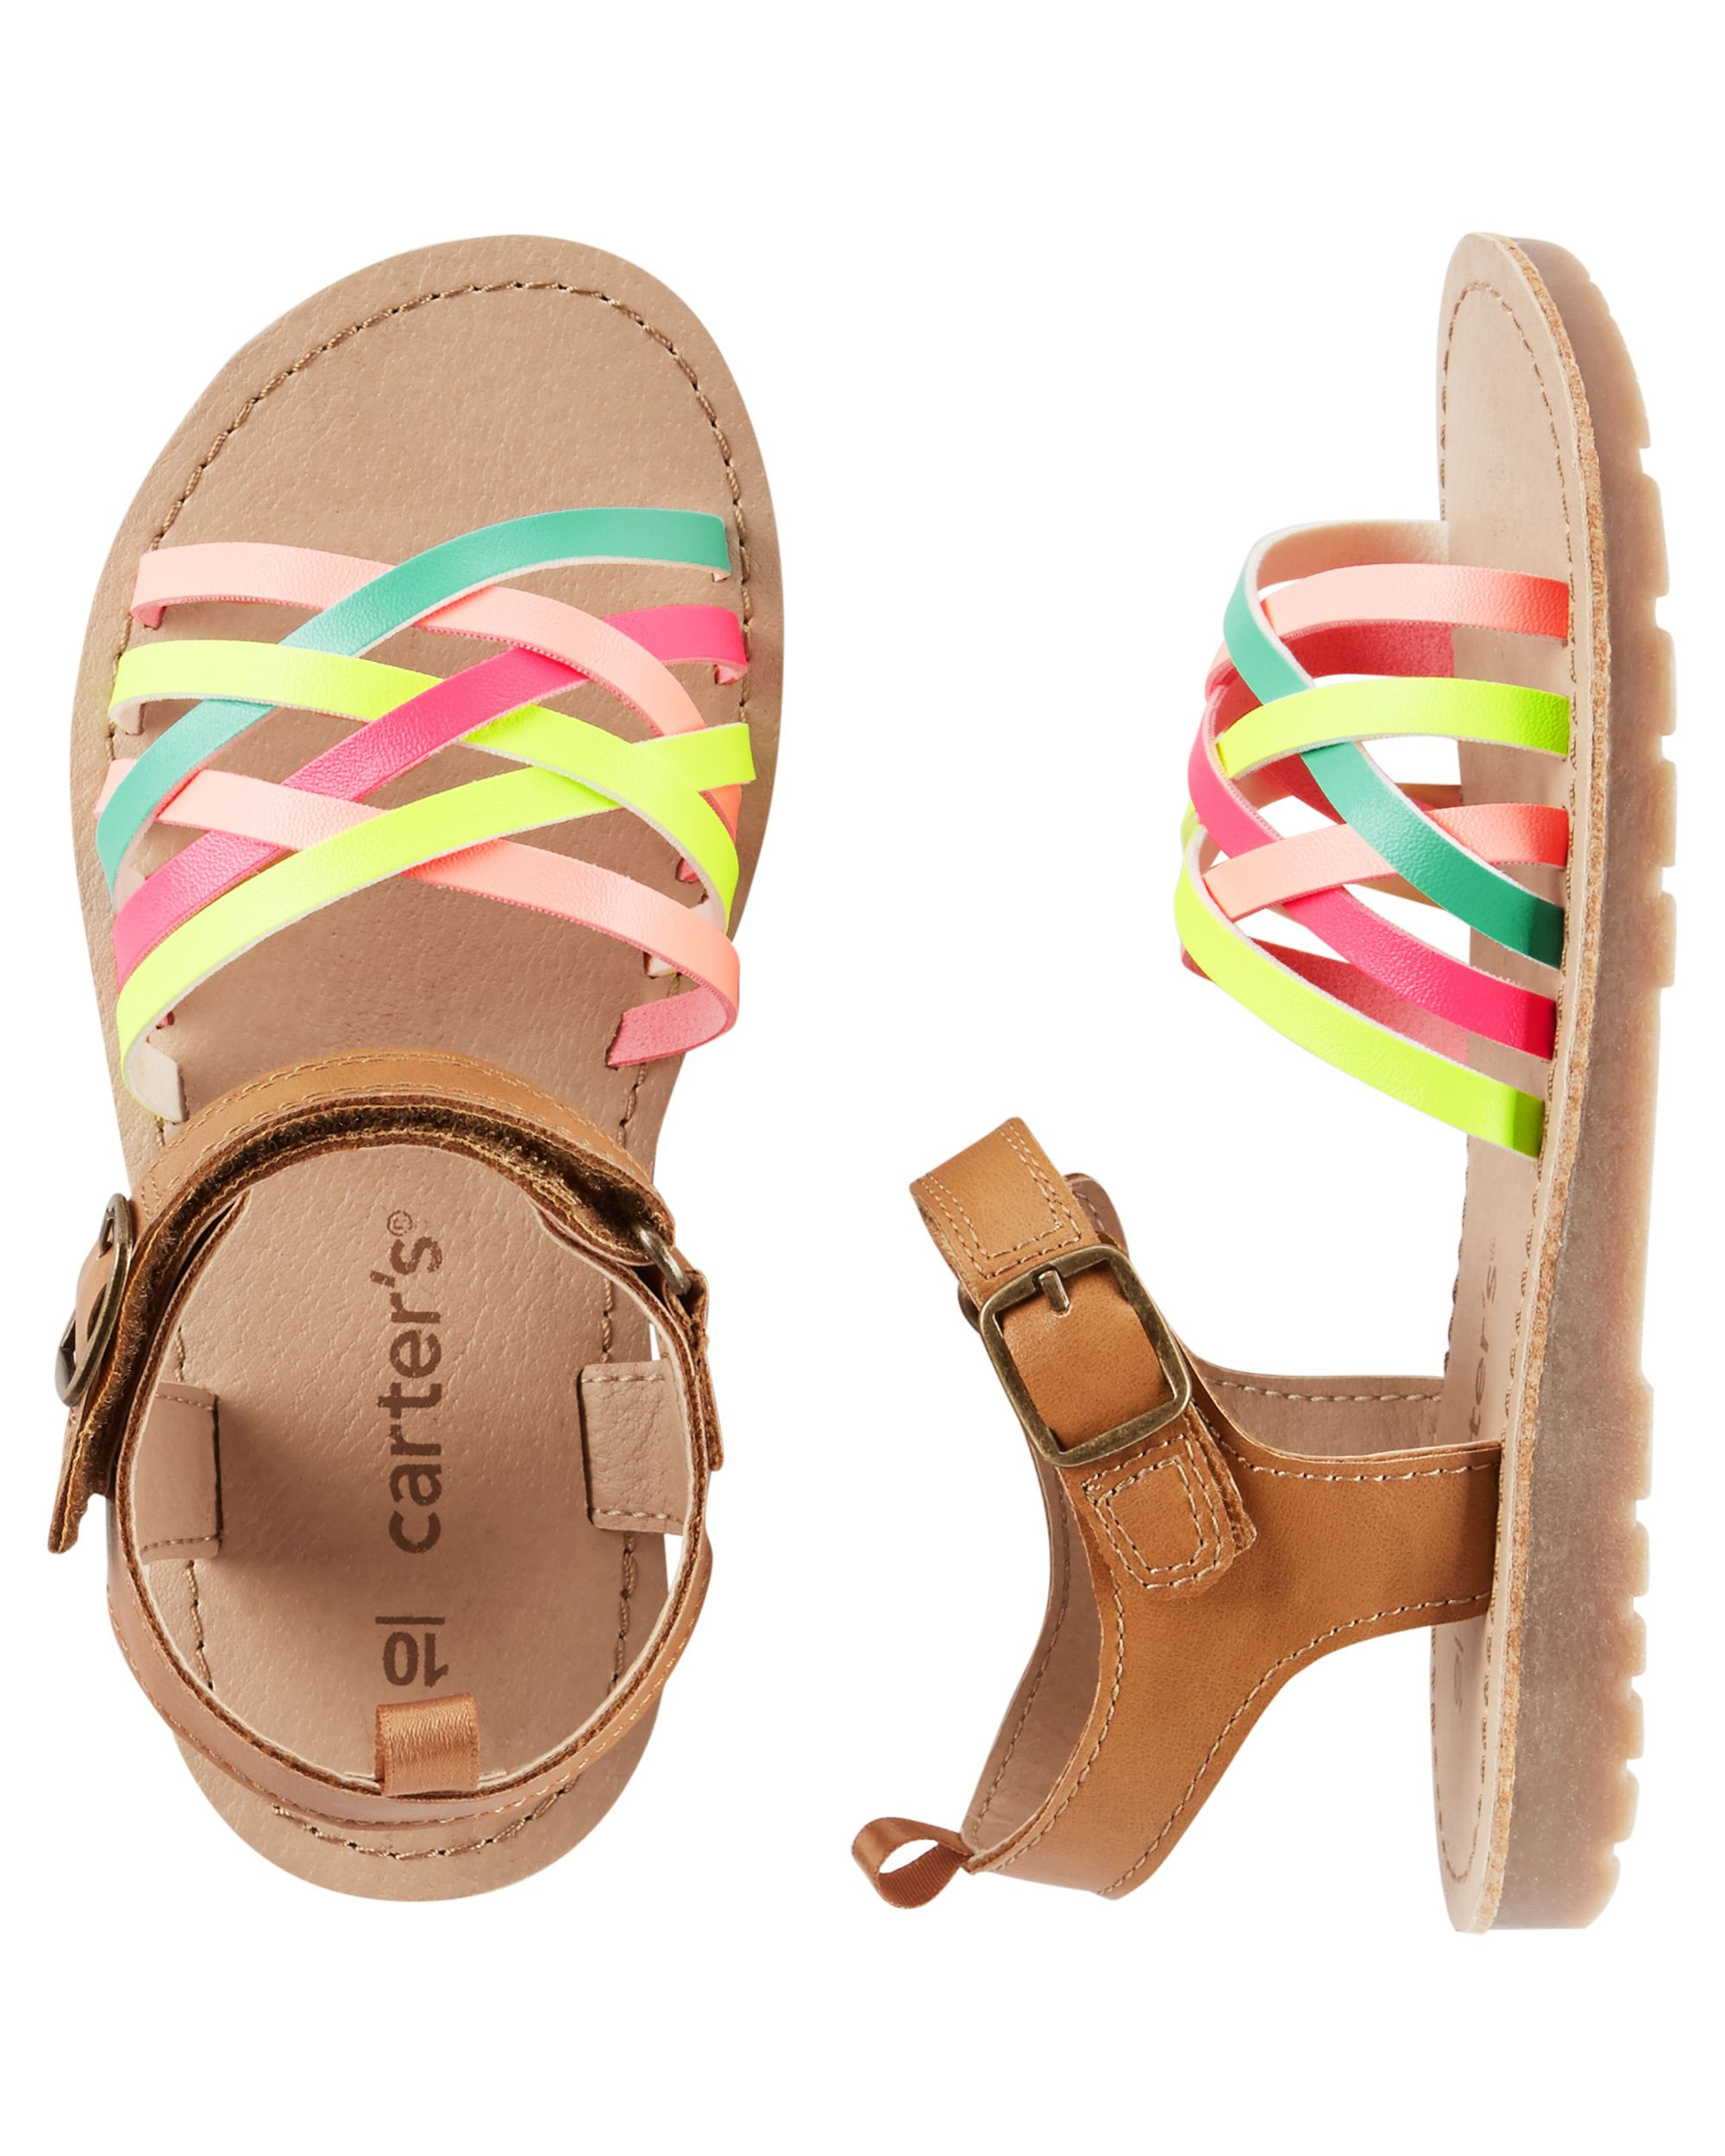 29b00a8d41da Carter s Strappy Sandals